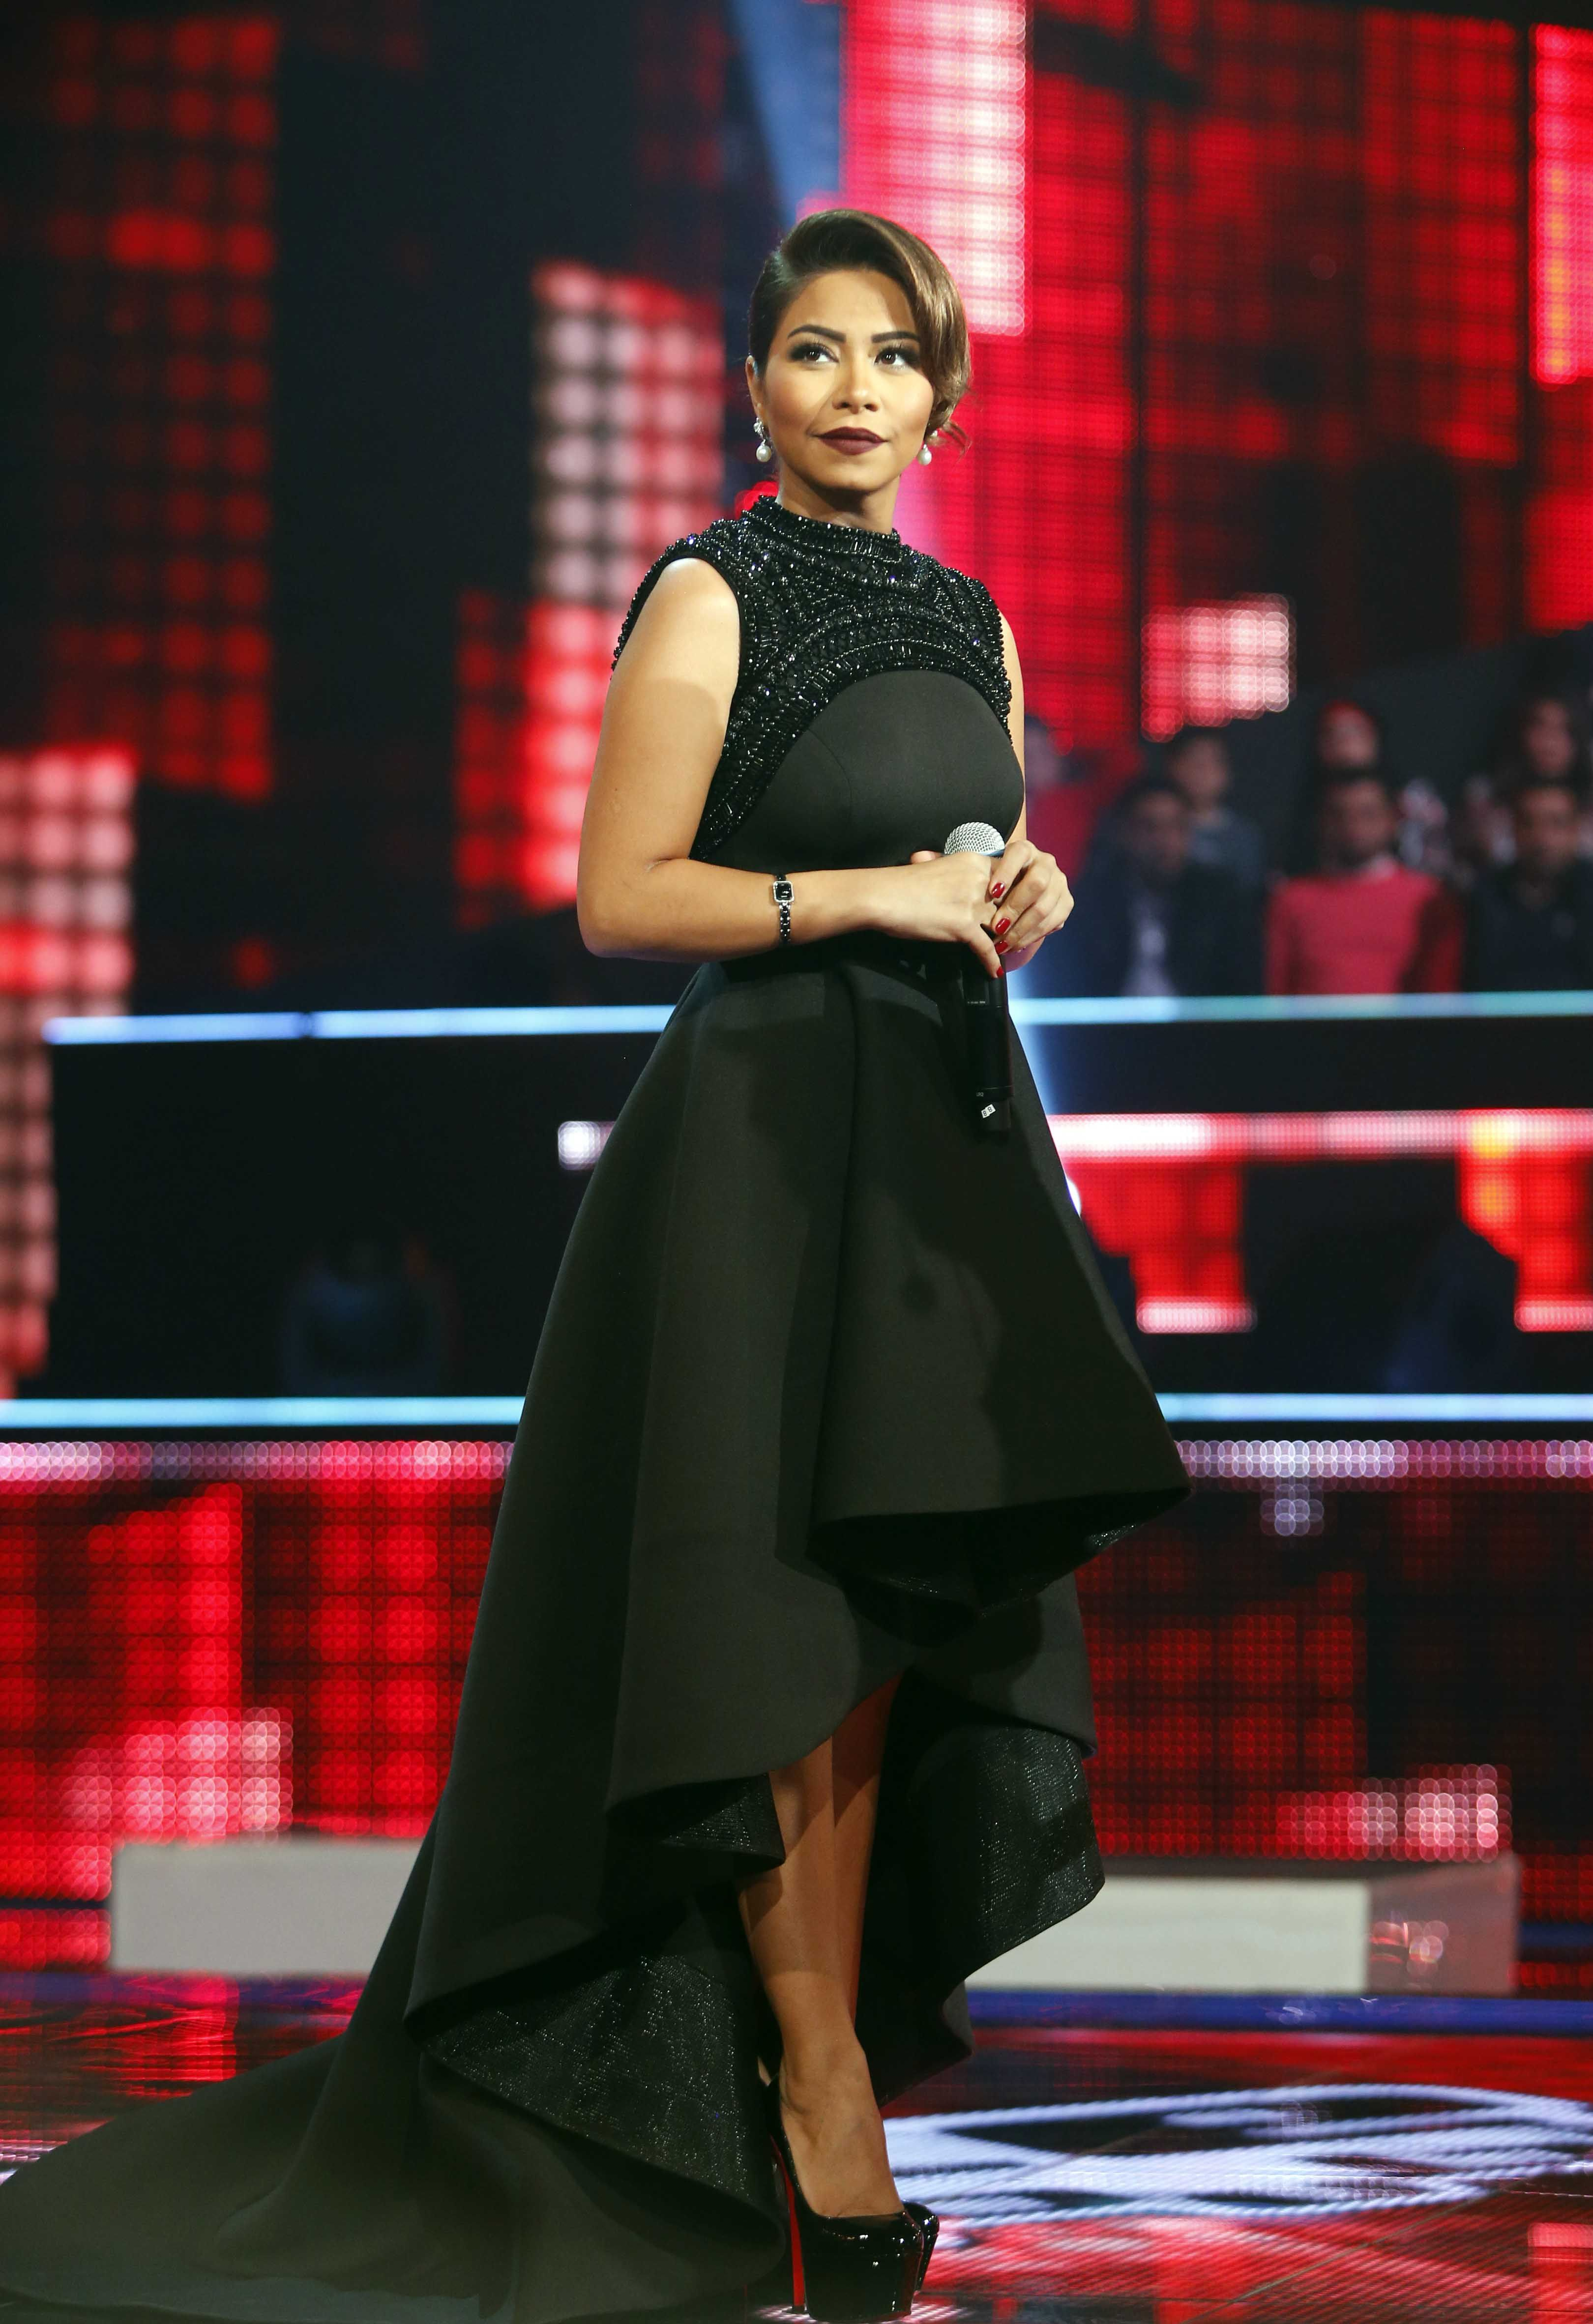 شيرين عبد الوهاب تتأل ق في فستان من توقيع مصم م كويتي Fashion